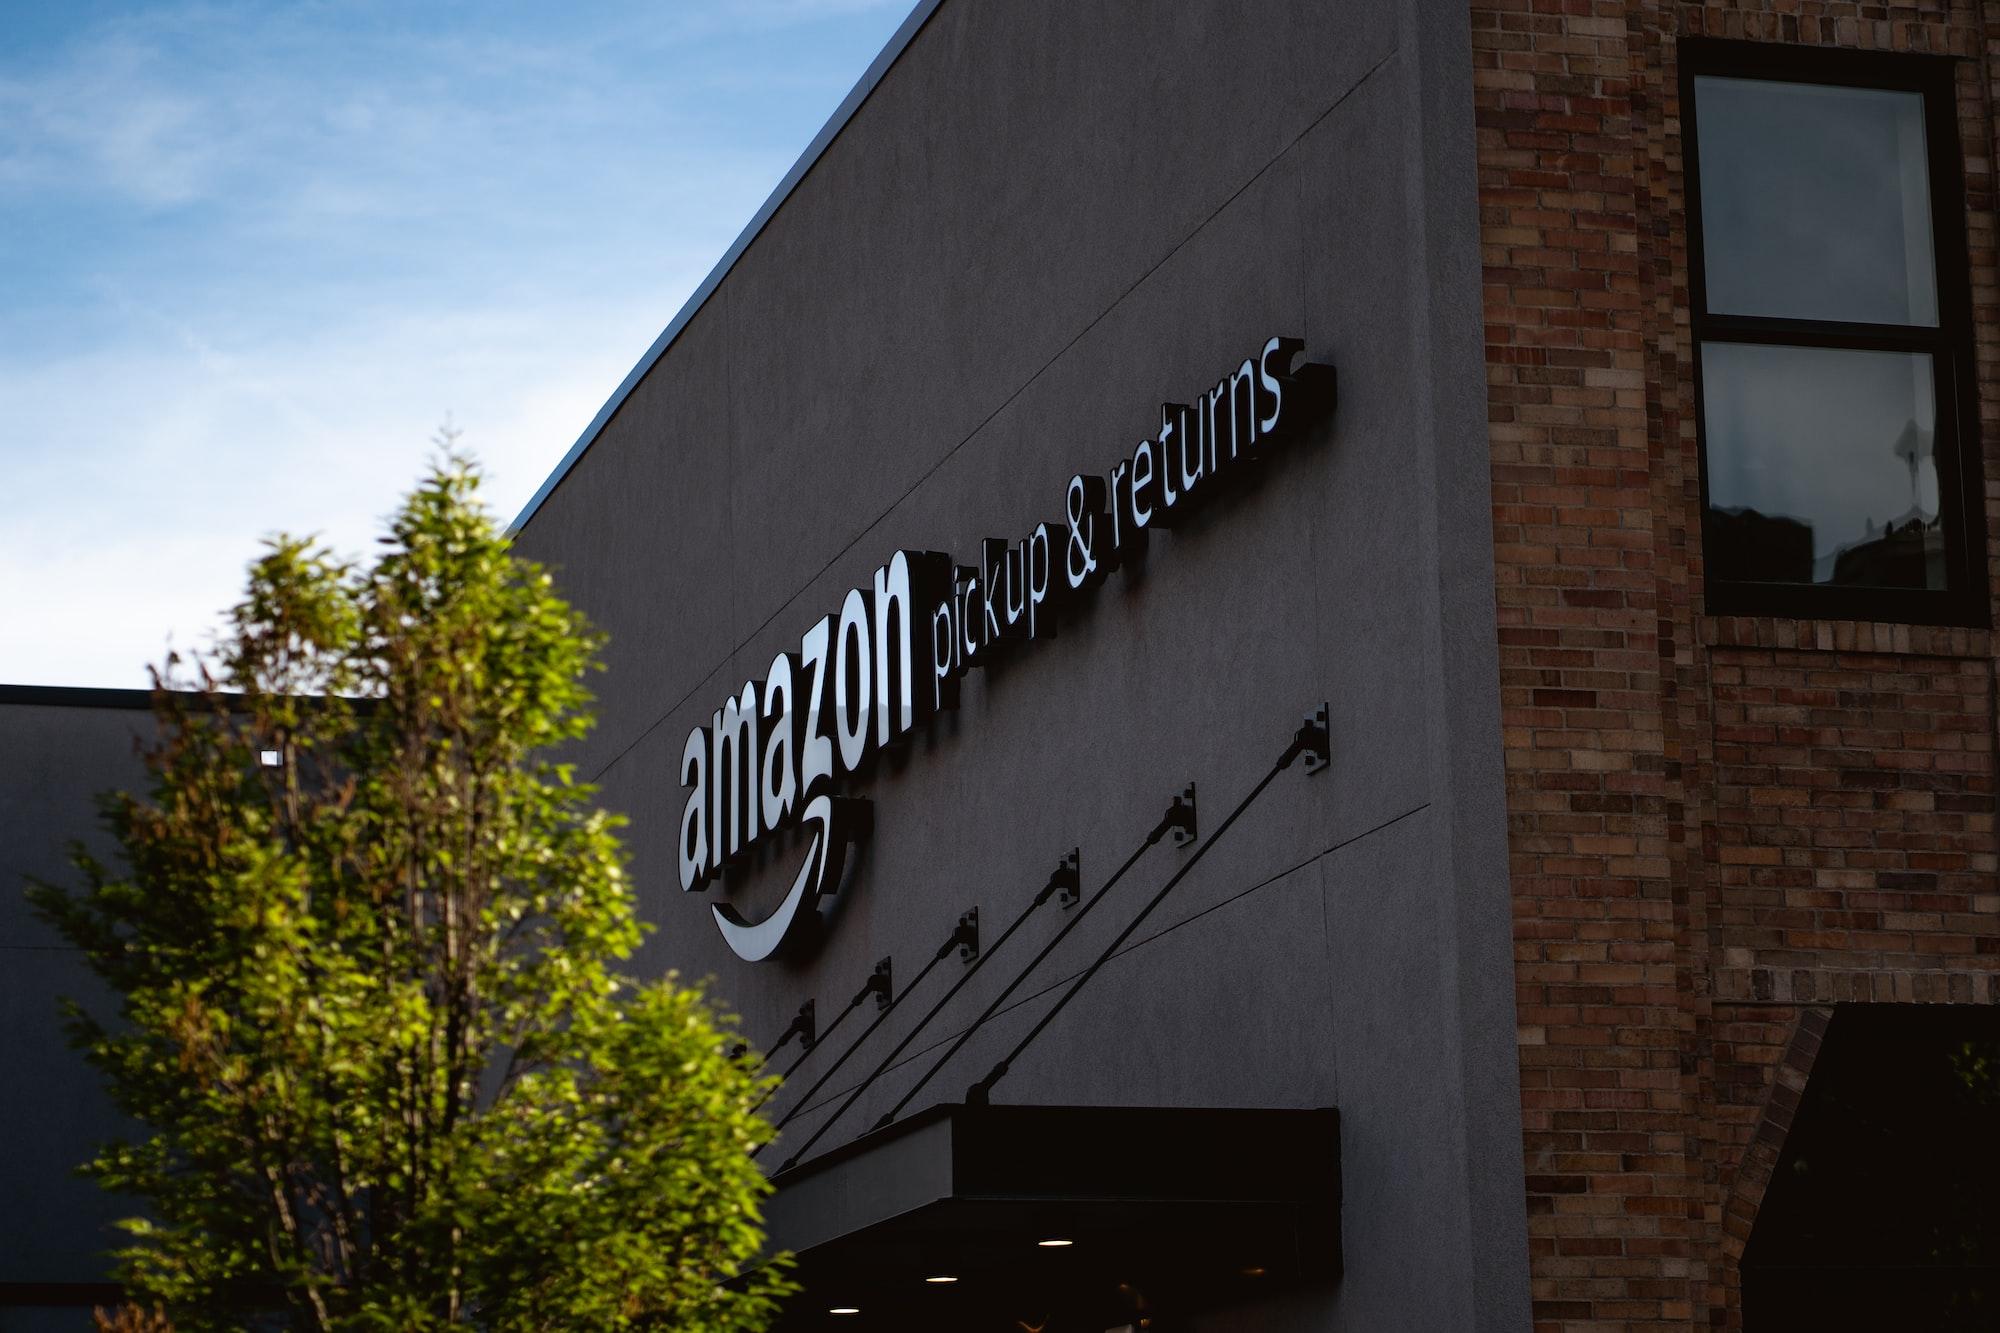 Петиция сотрудников заставила Amazon начать расследование по делу о дискриминации